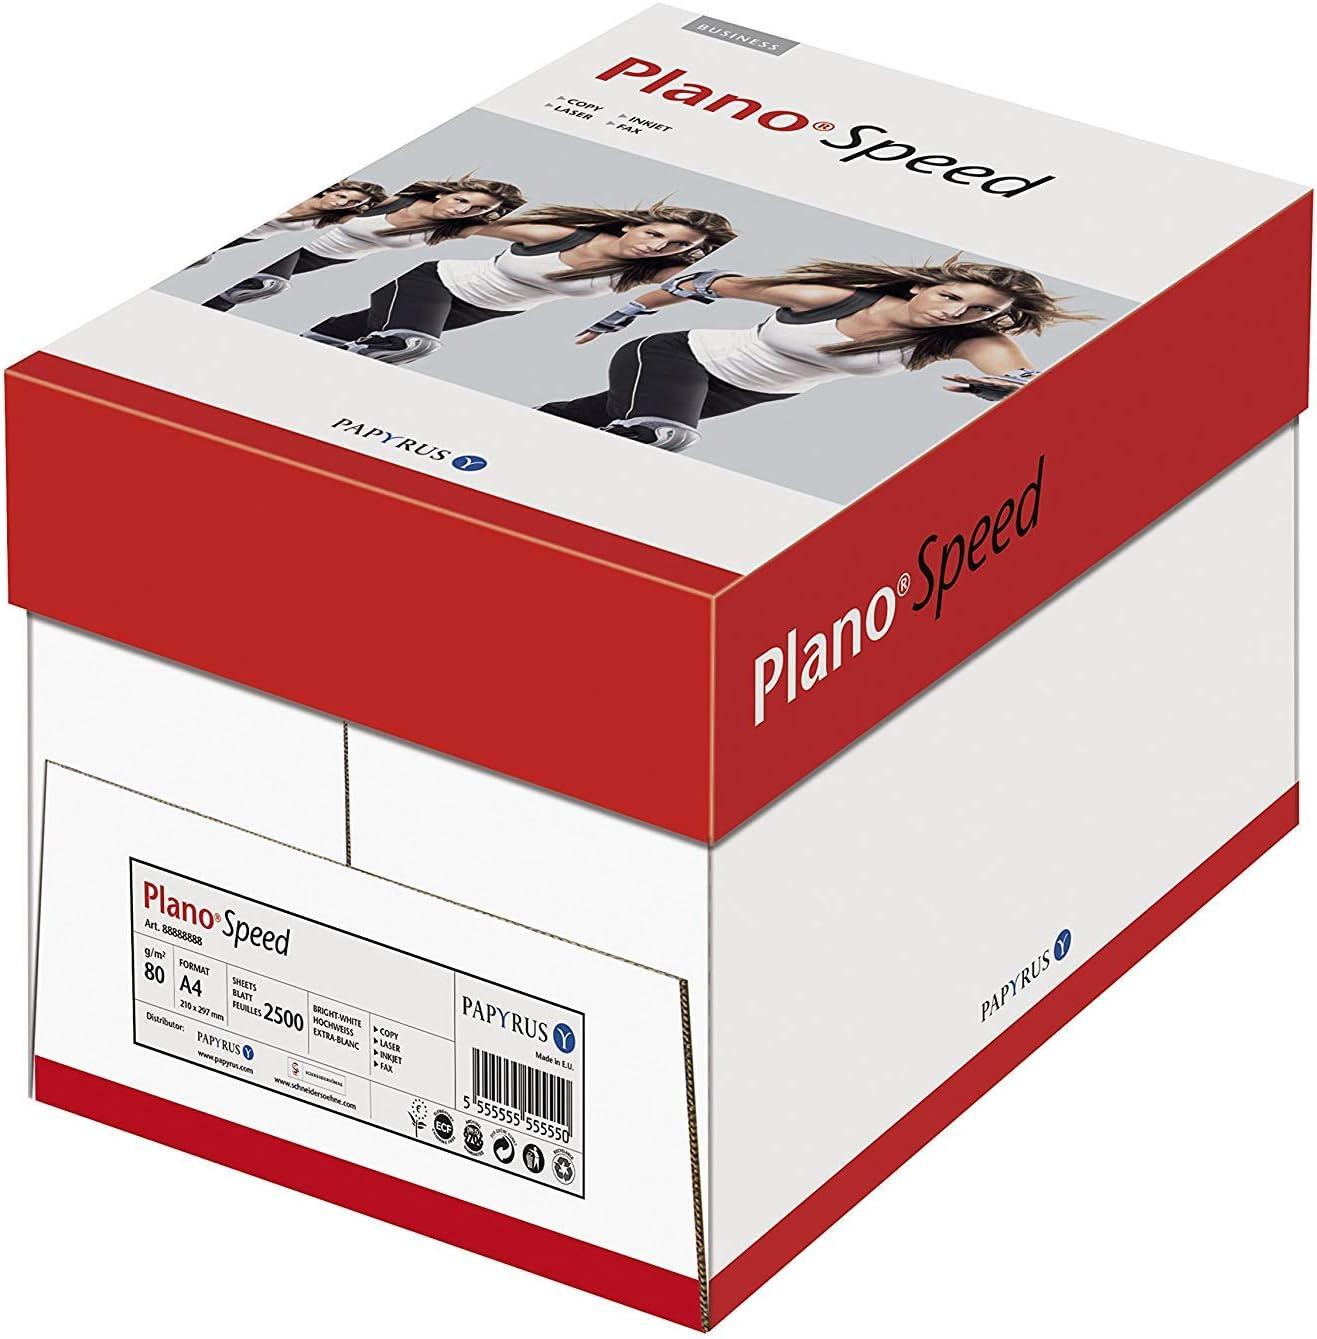 Papyrus 88113572 PlanoSpeed - Papel para impresión (80 g/m2, A4, 2500 hojas), color blanco: Amazon.es: Oficina y papelería